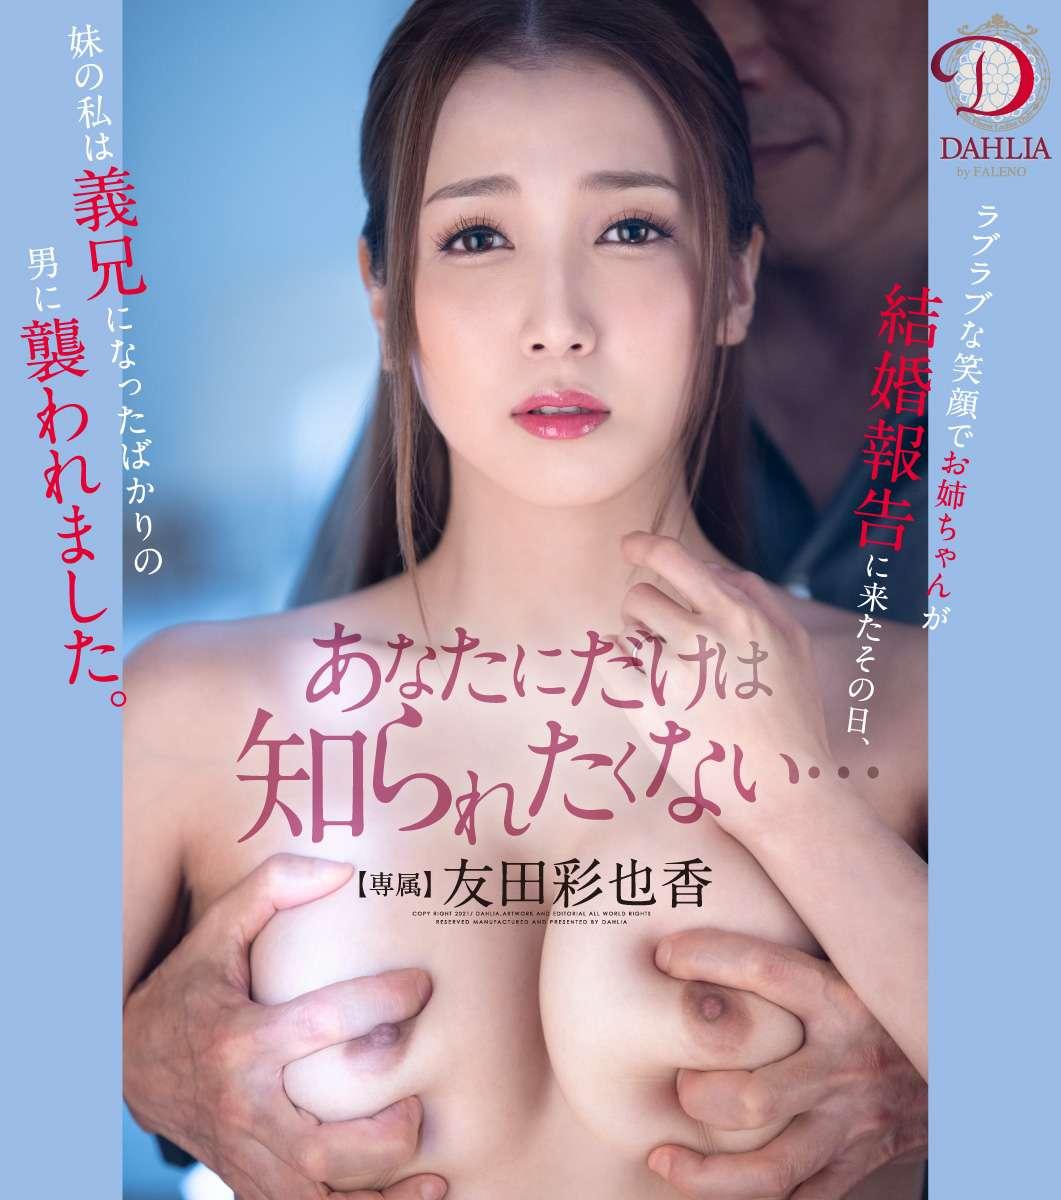 あなただけには知られたくない...ラブラブな笑顔でお姉ちゃんが結婚報告に来たその日、妹の私は義兄になったばかりの男に襲われました。友田彩也香